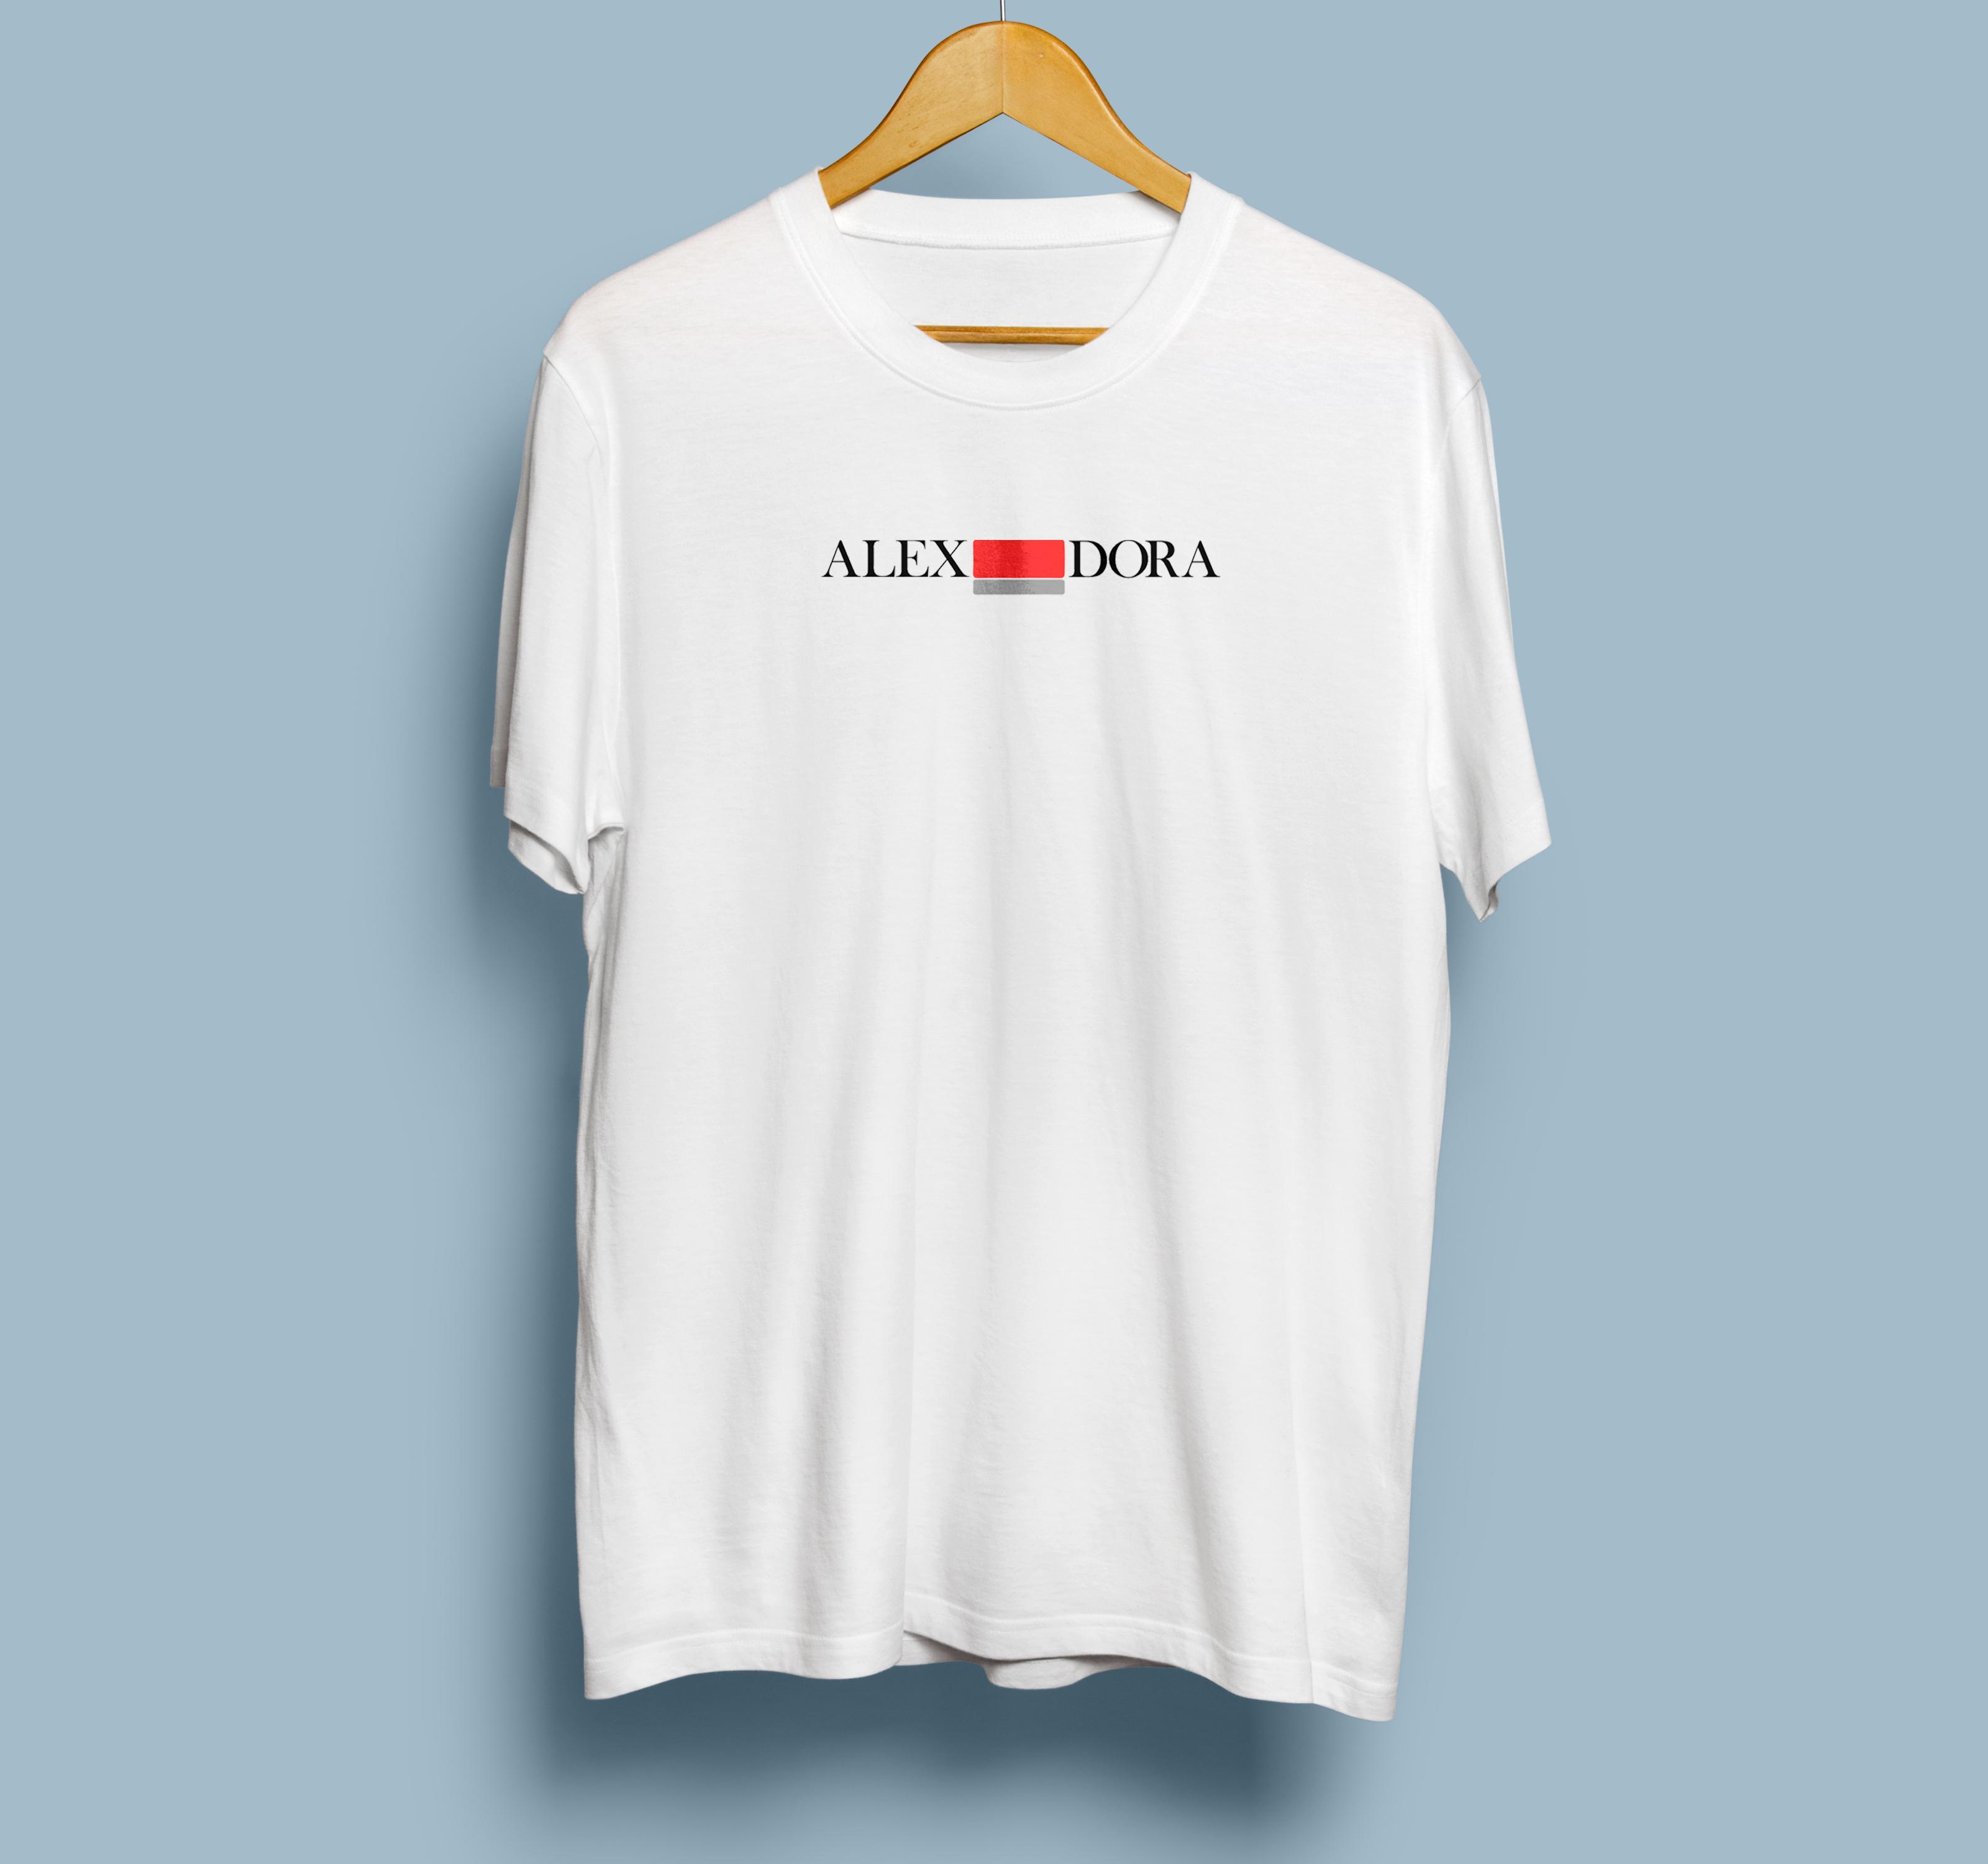 Необходим дизайнер для доработки логотипа бренда одежды фото f_5705b3557c24c777.jpg